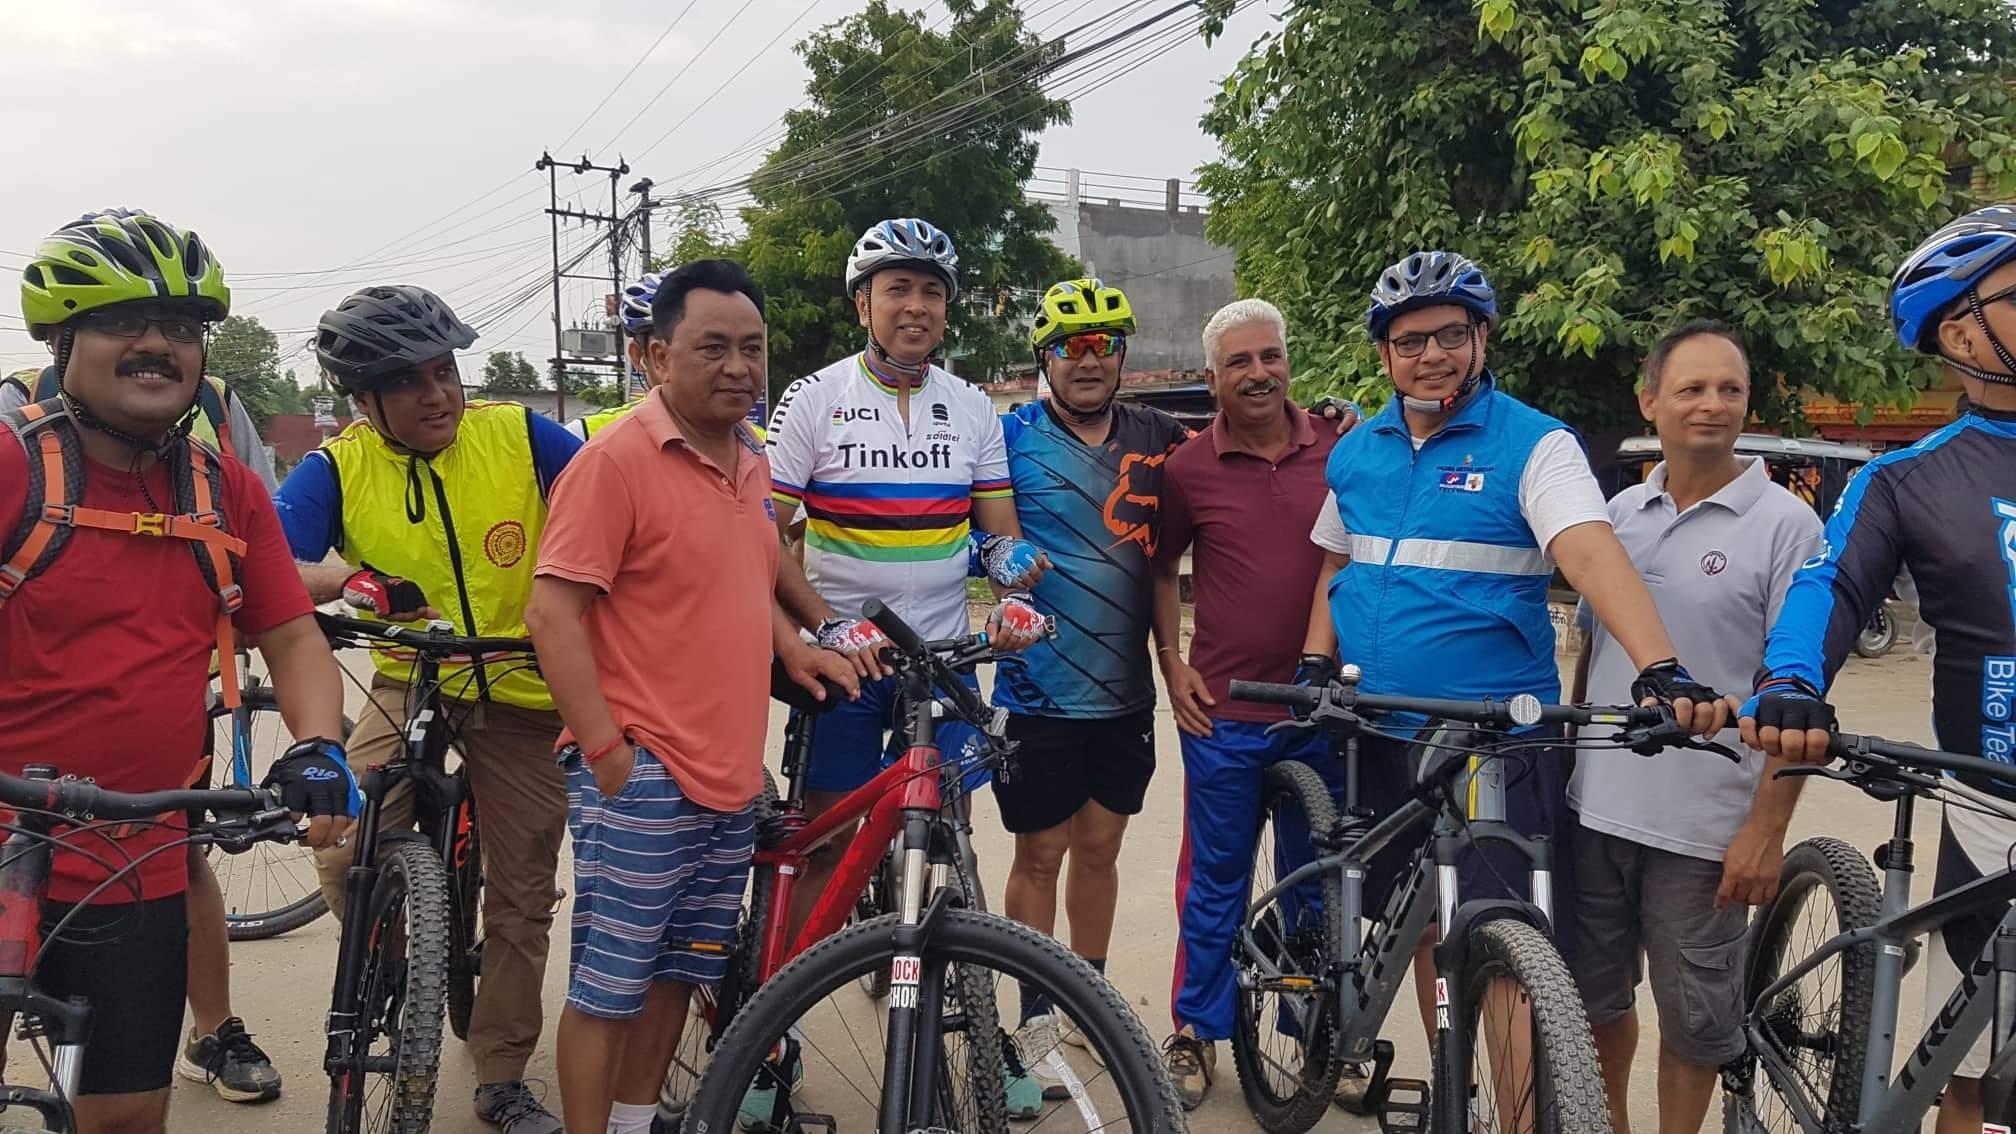 कर्णाली प्रदेश सरकारका मुख्य सचिव केवल किरण  भण्डारीकाे नेतृत्वमा नेपालगन्जमा साईकिल यात्रा